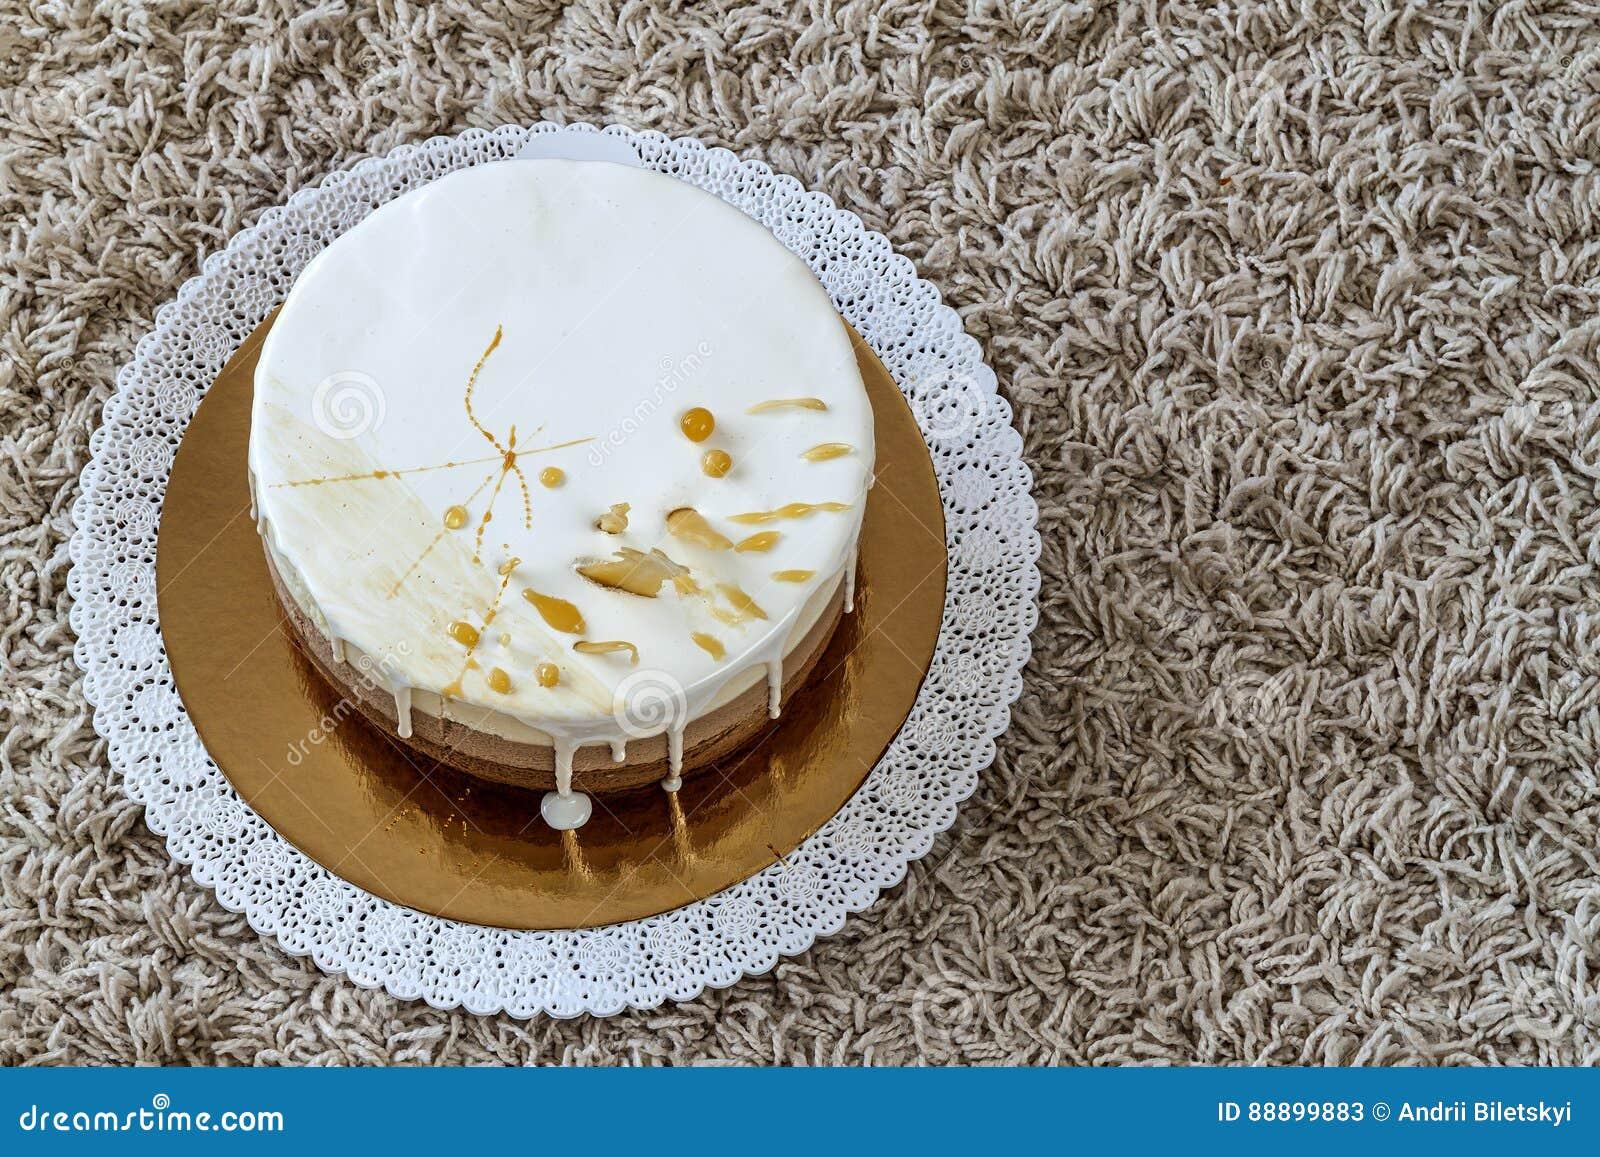 可口自创巧克力大理石生日蛋糕装饰与